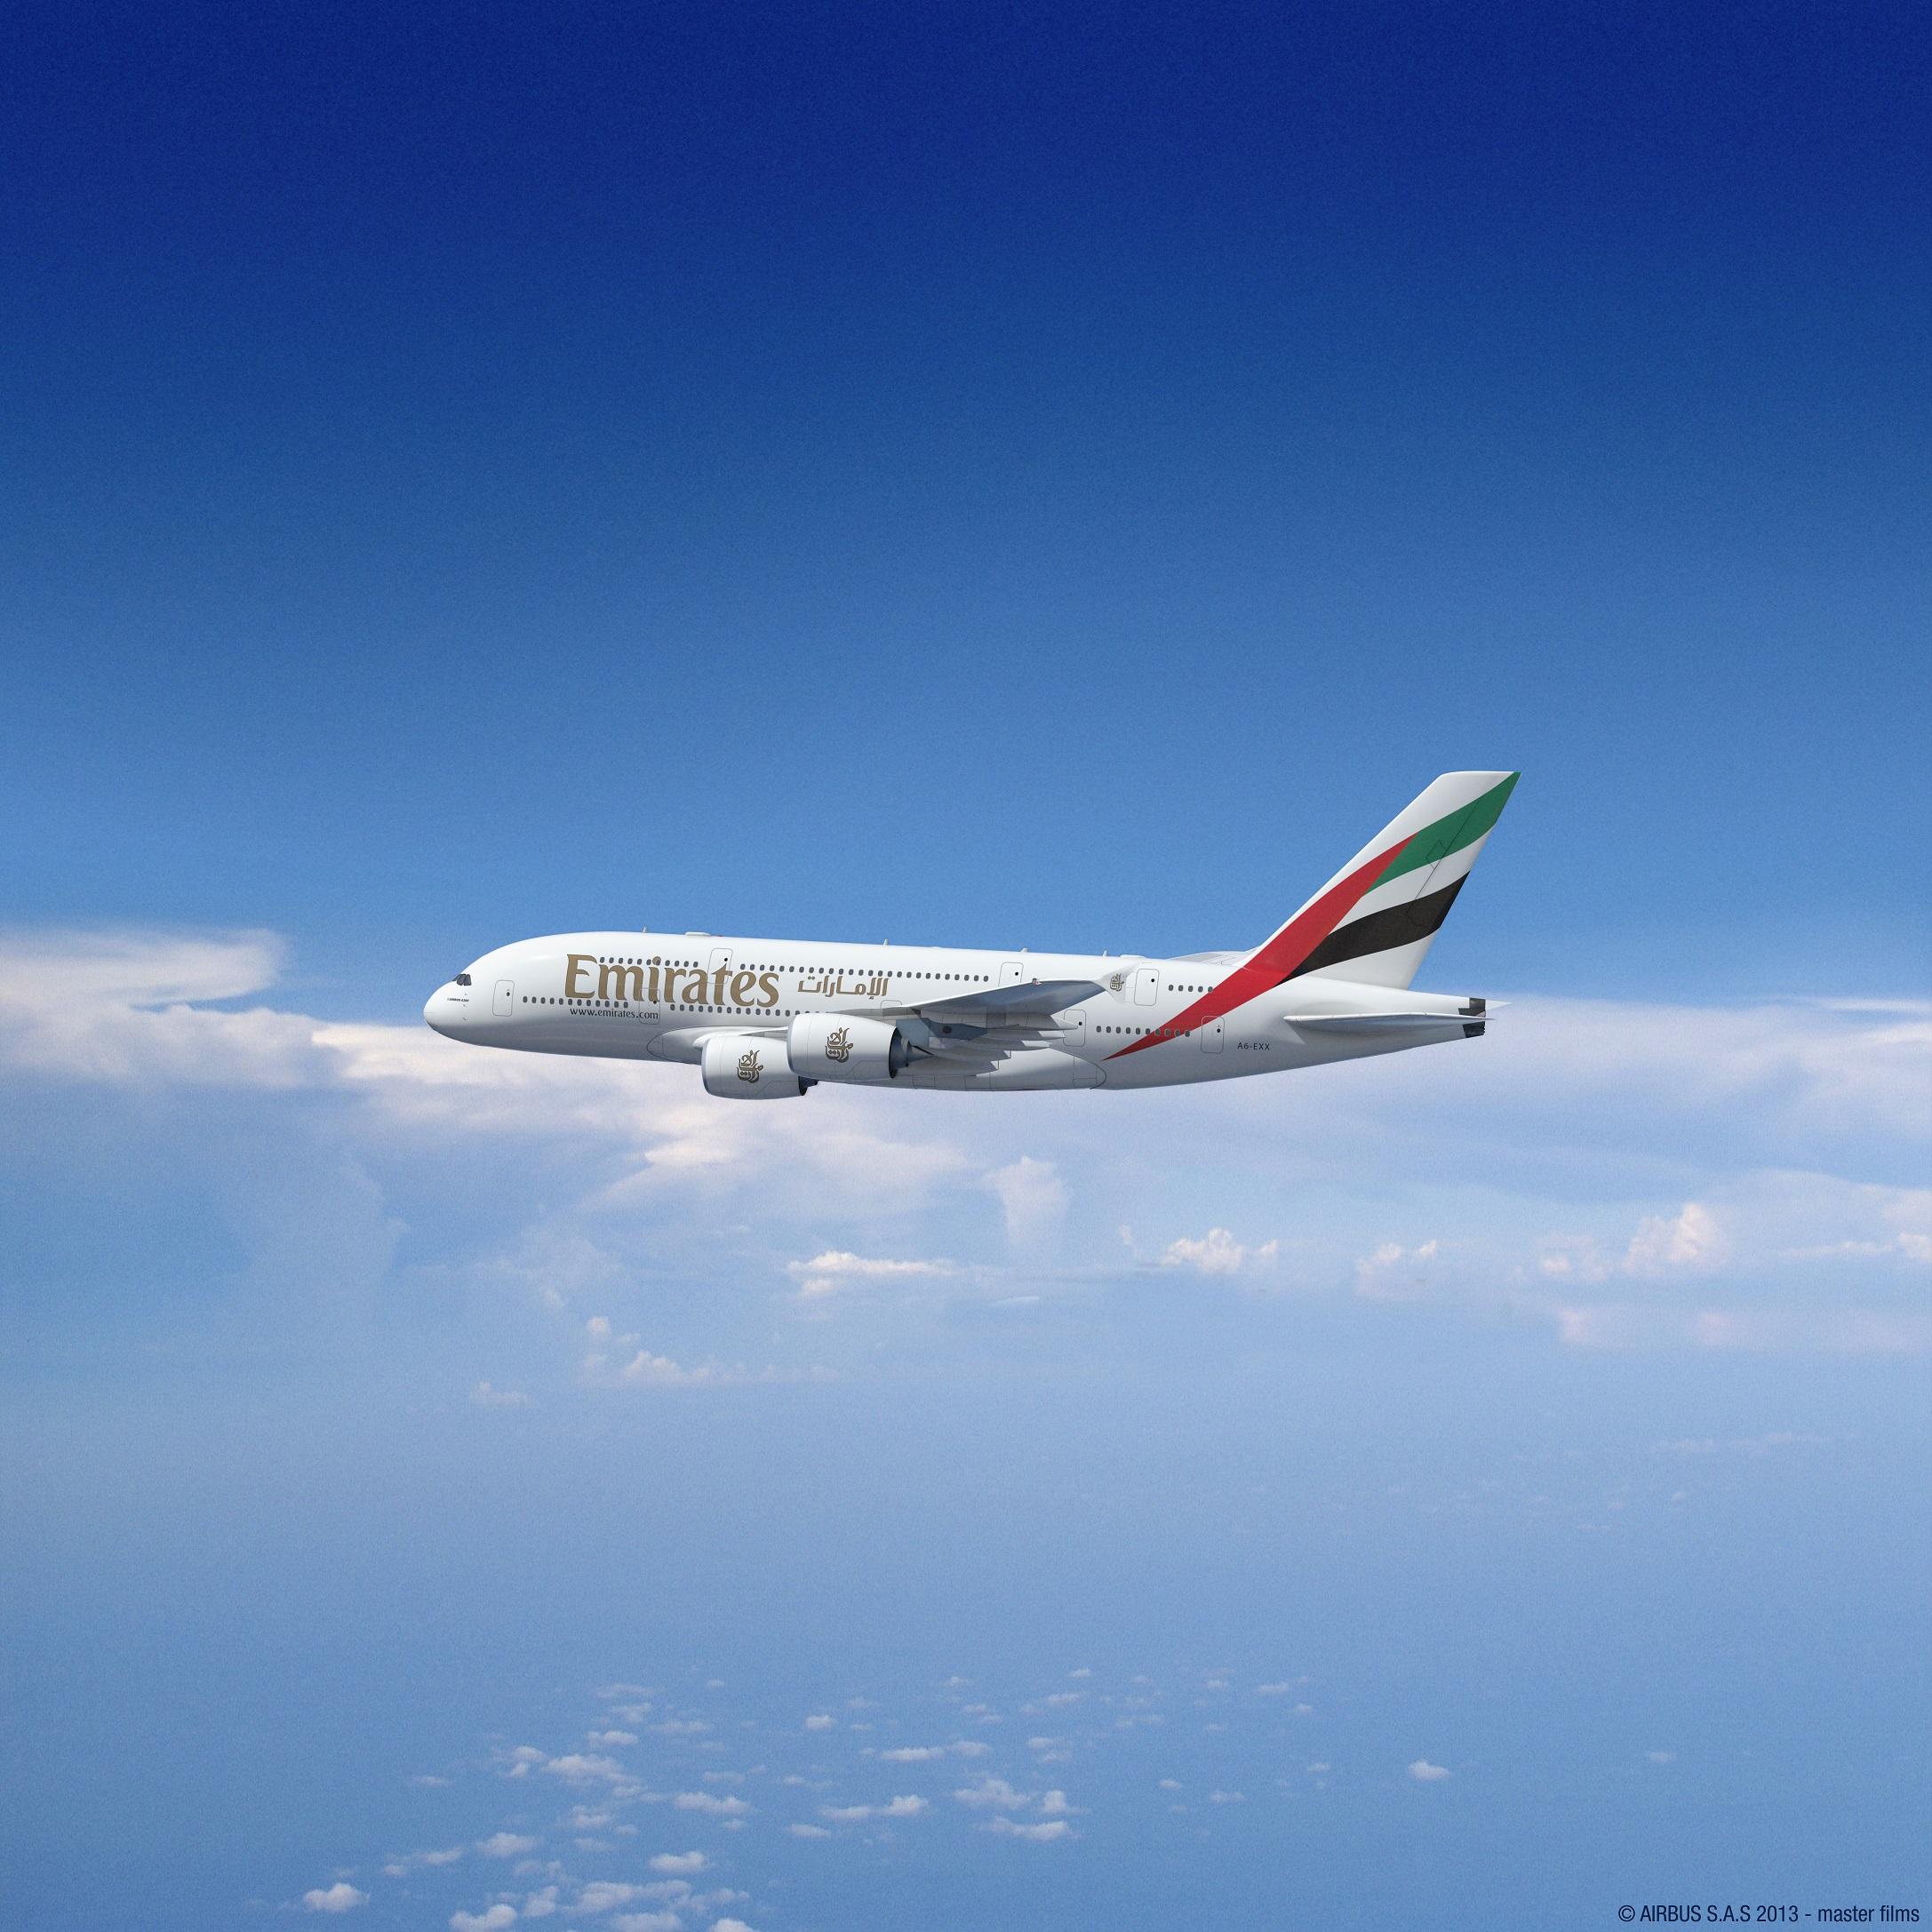 阿联酋航空宣布迪拜至莫斯科航线增至每日两班a380航班